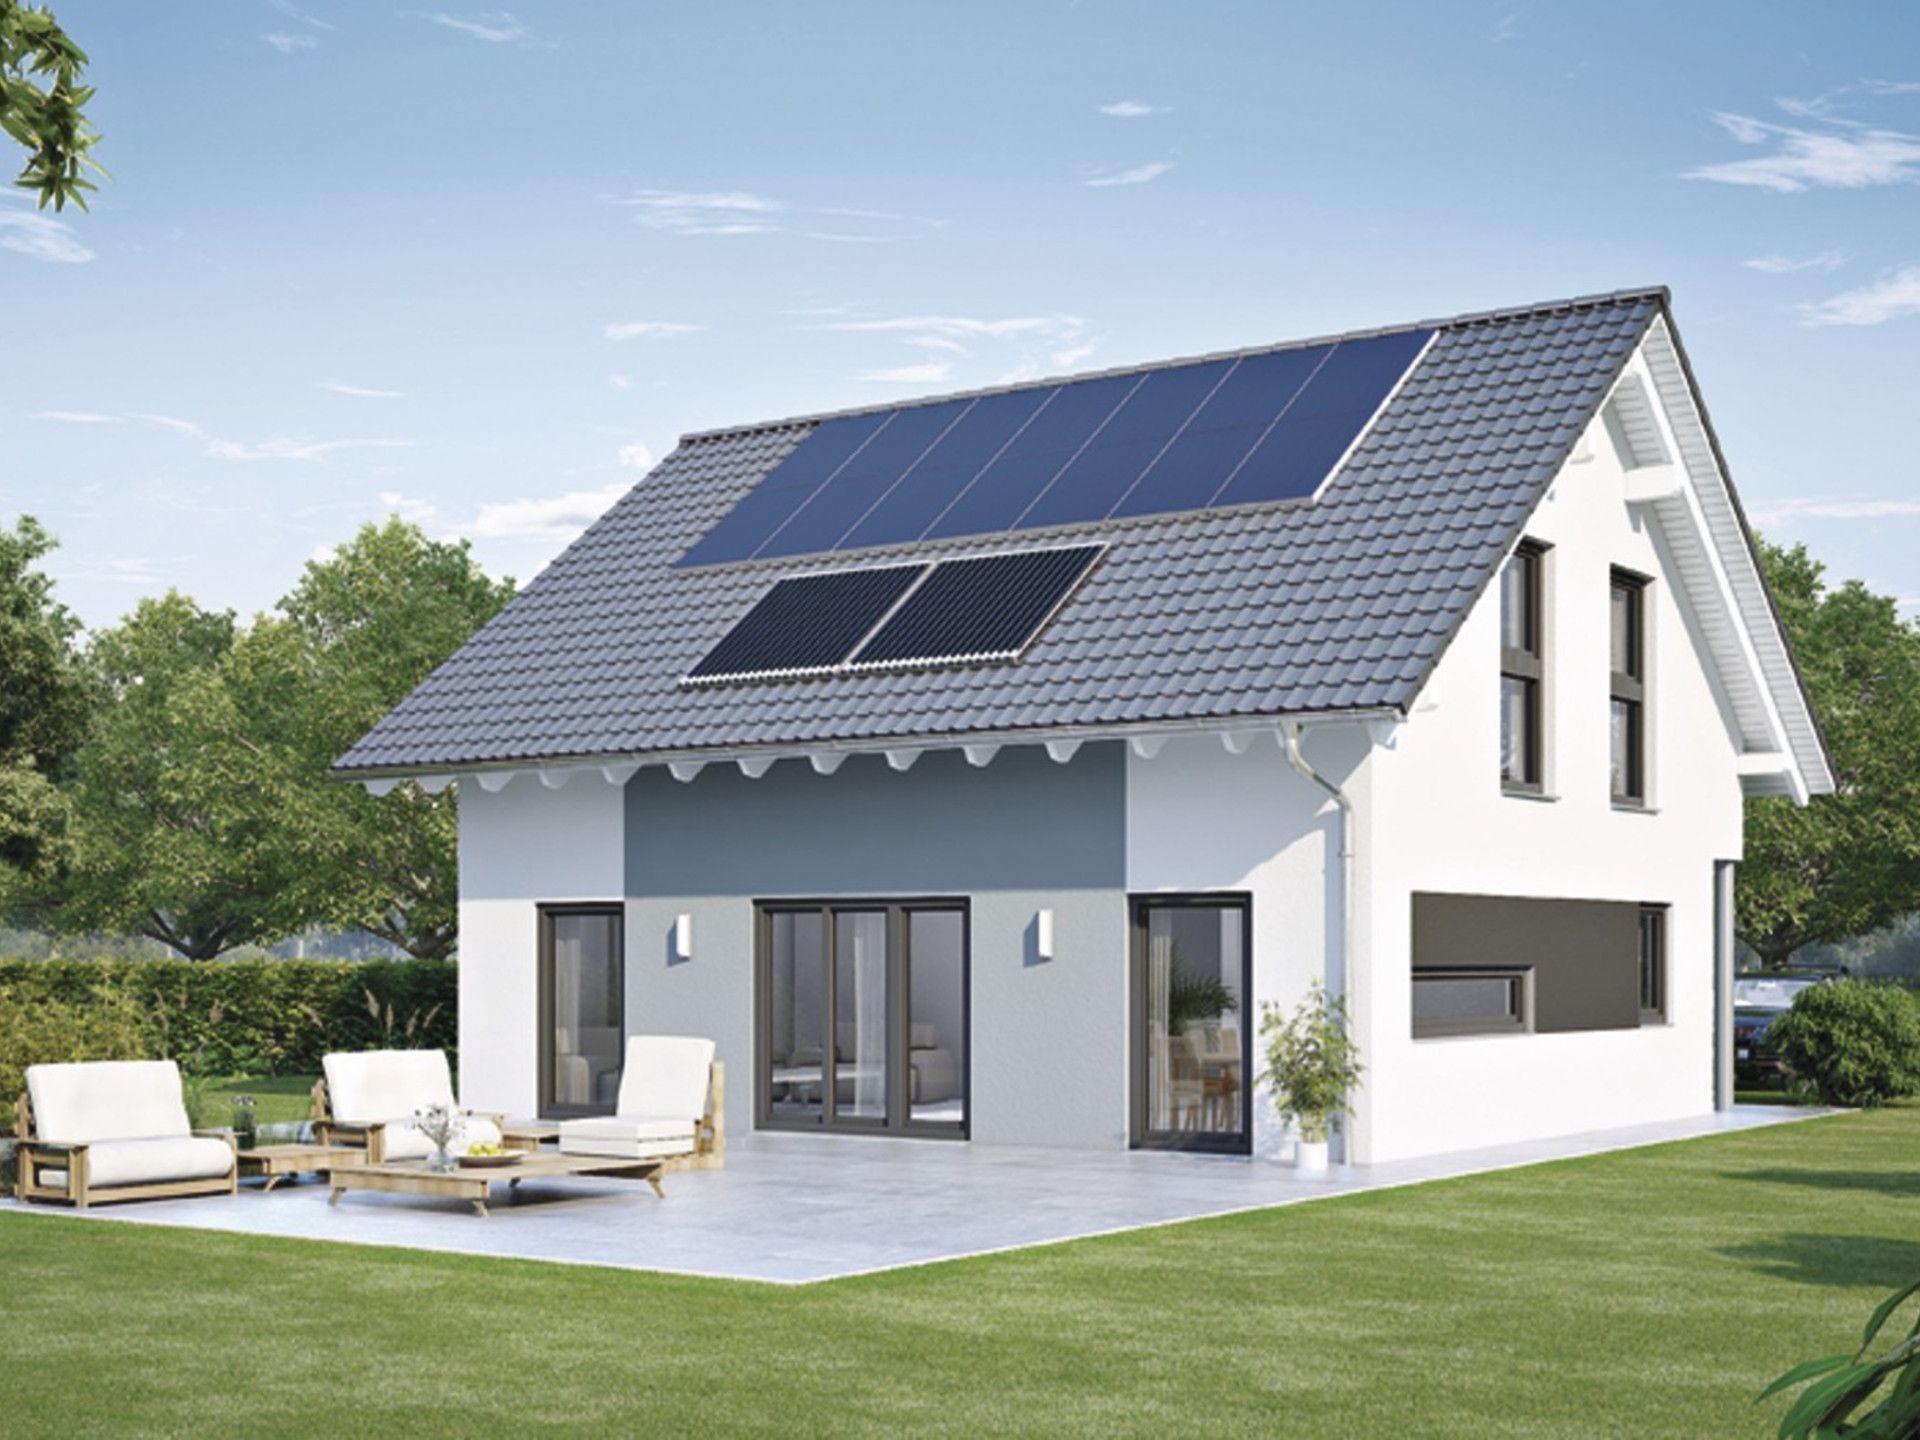 Generation 5.0   Haus 100 Mit Satteldach U2022 Ausbauhaus Von WeberHaus U2022  Fertighaus Mit Freiräumen Für